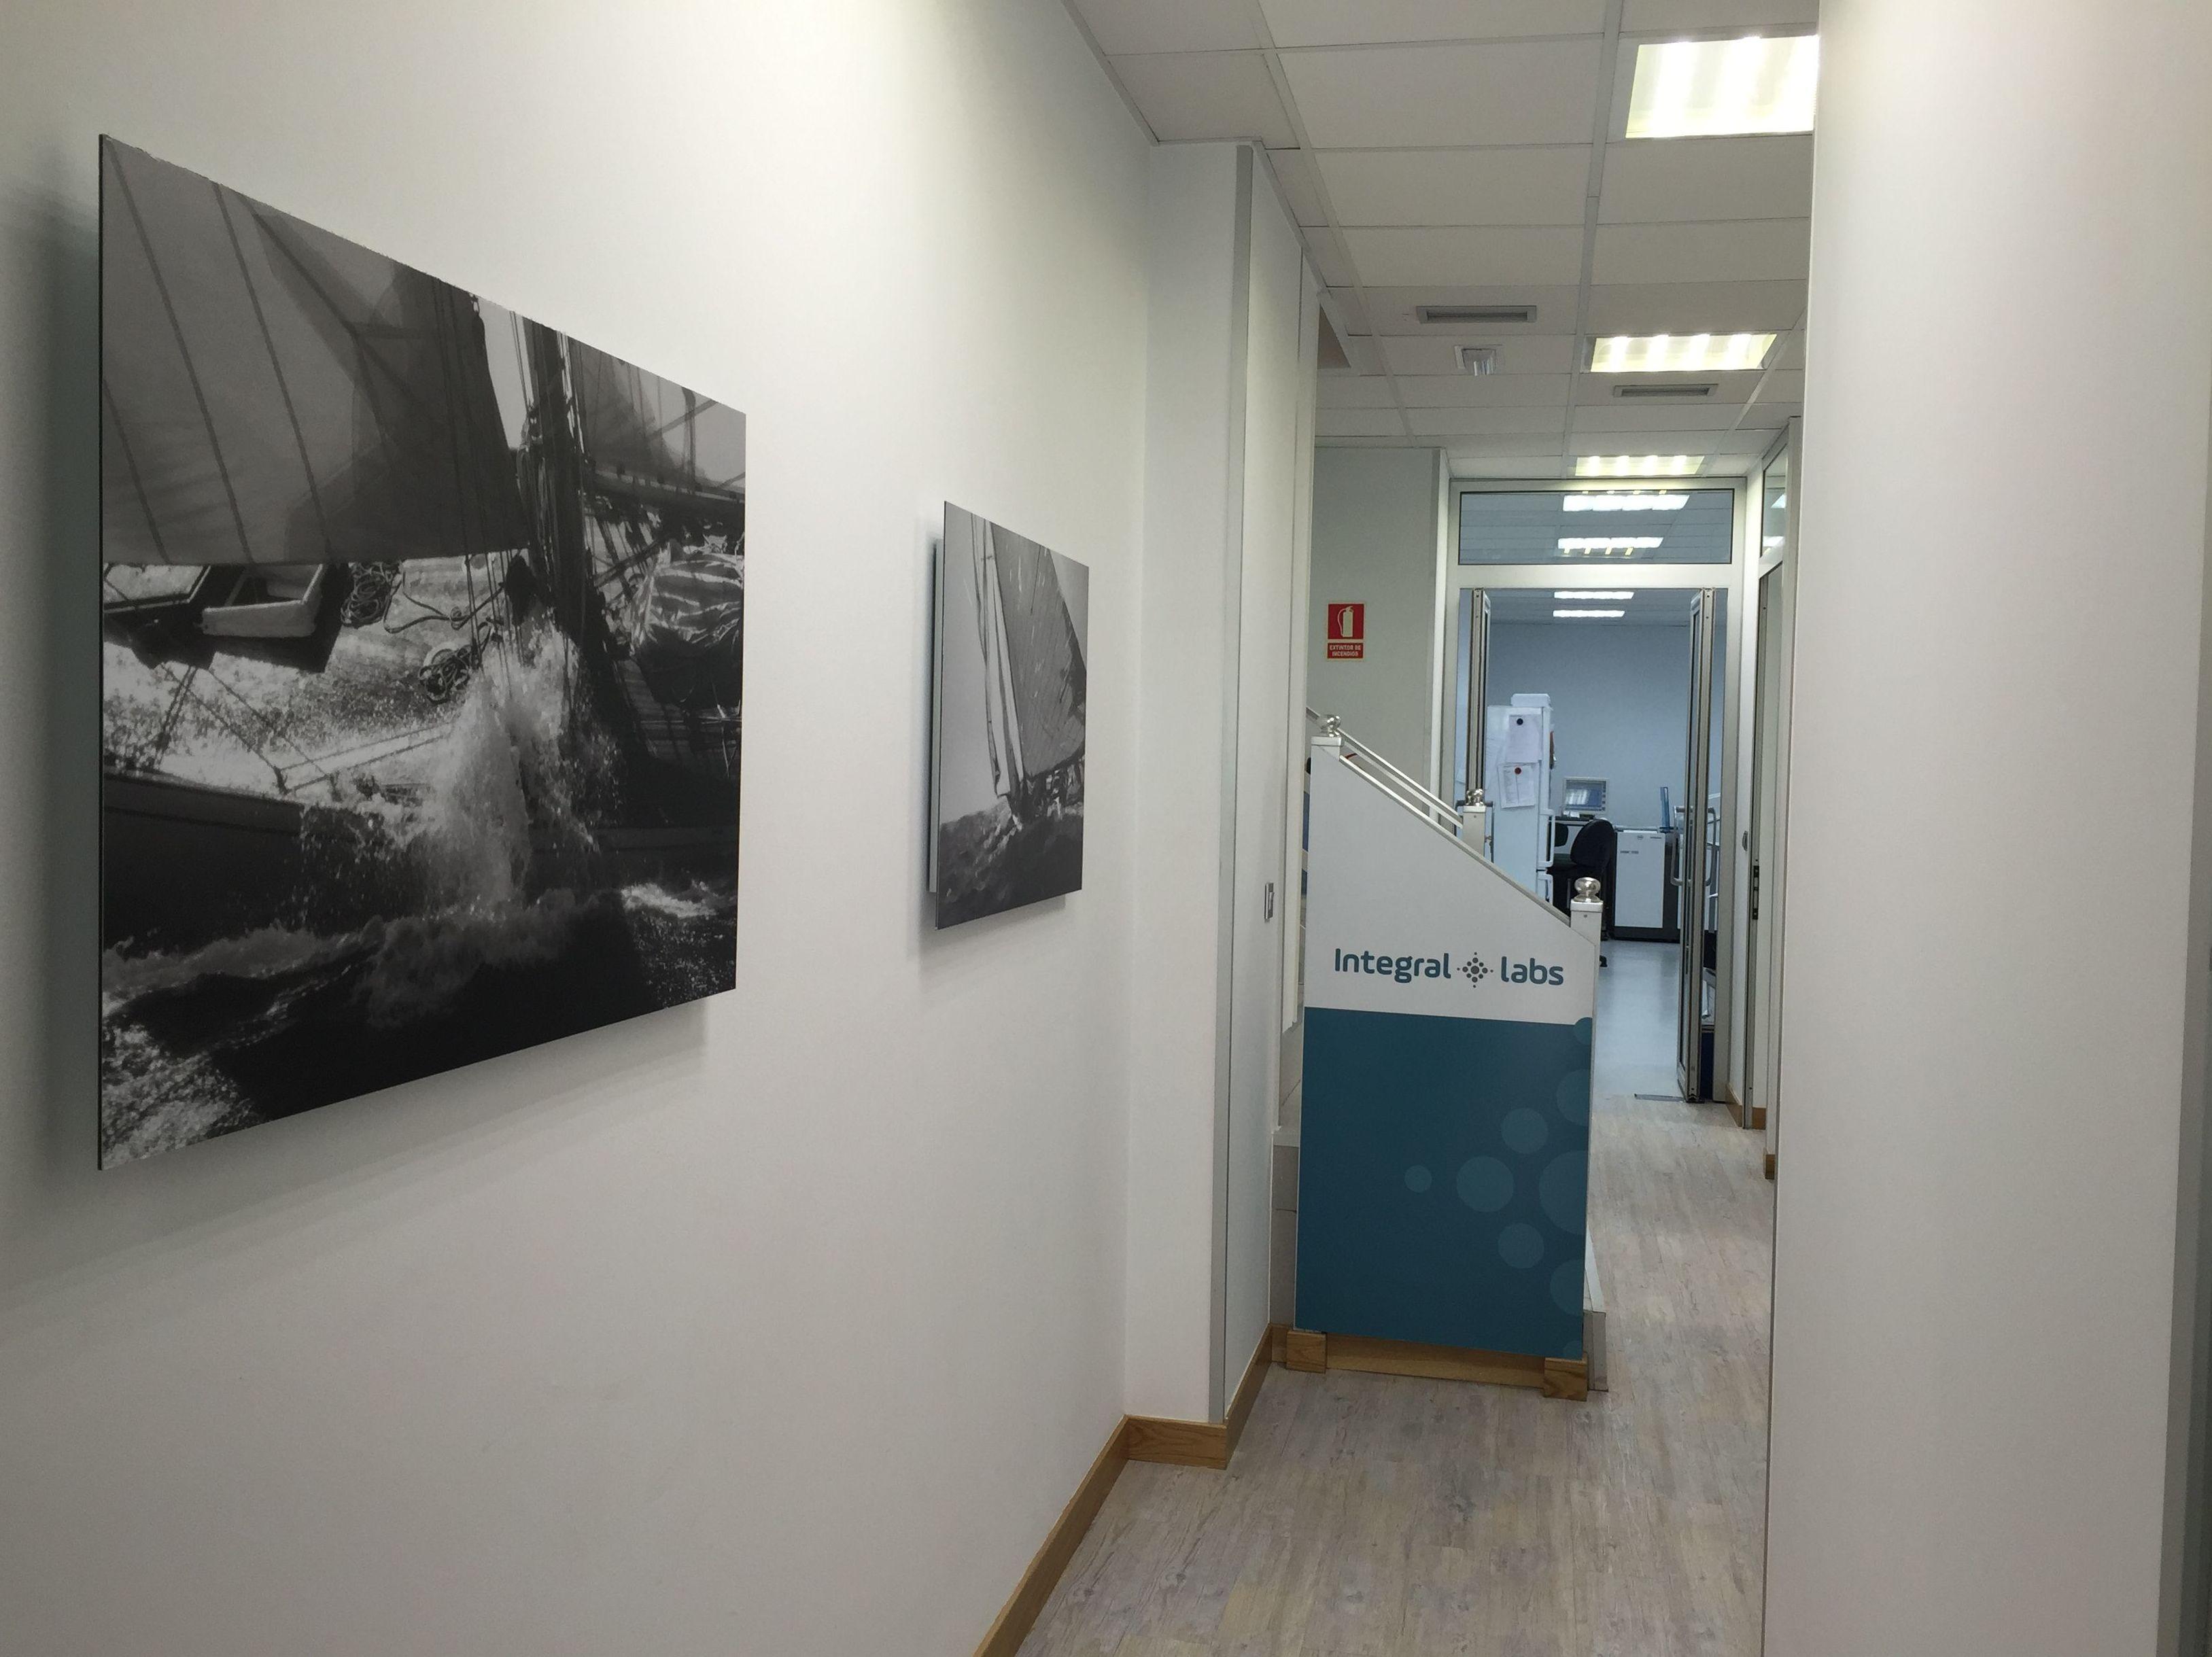 Foto 4 de Laboratorios de análisis clínicos en  | Integral Labs